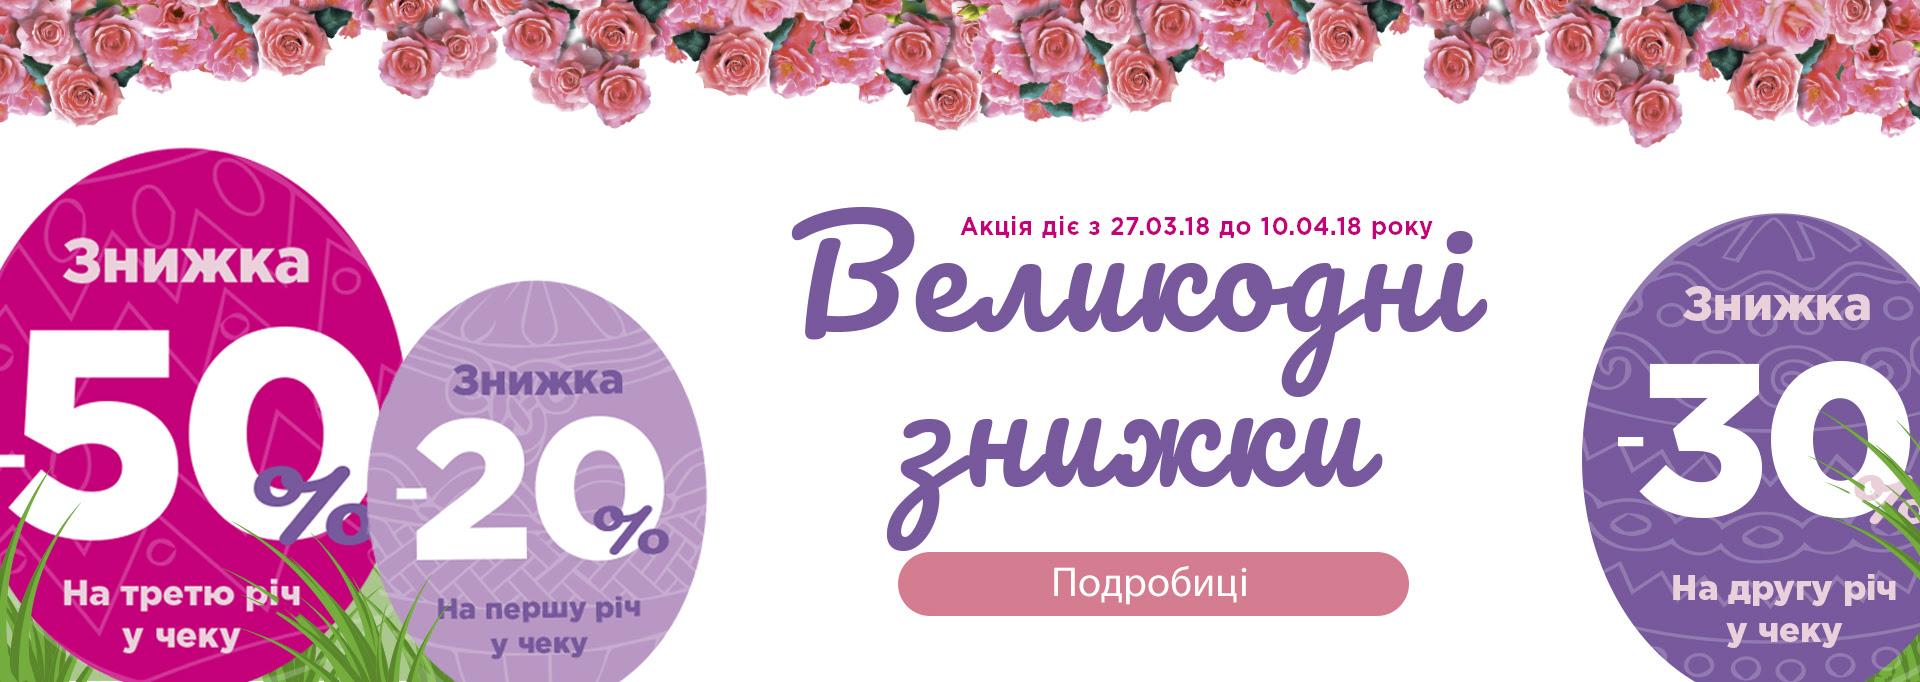 OLKO - Днепр Инфо 3e373e5c7eec8